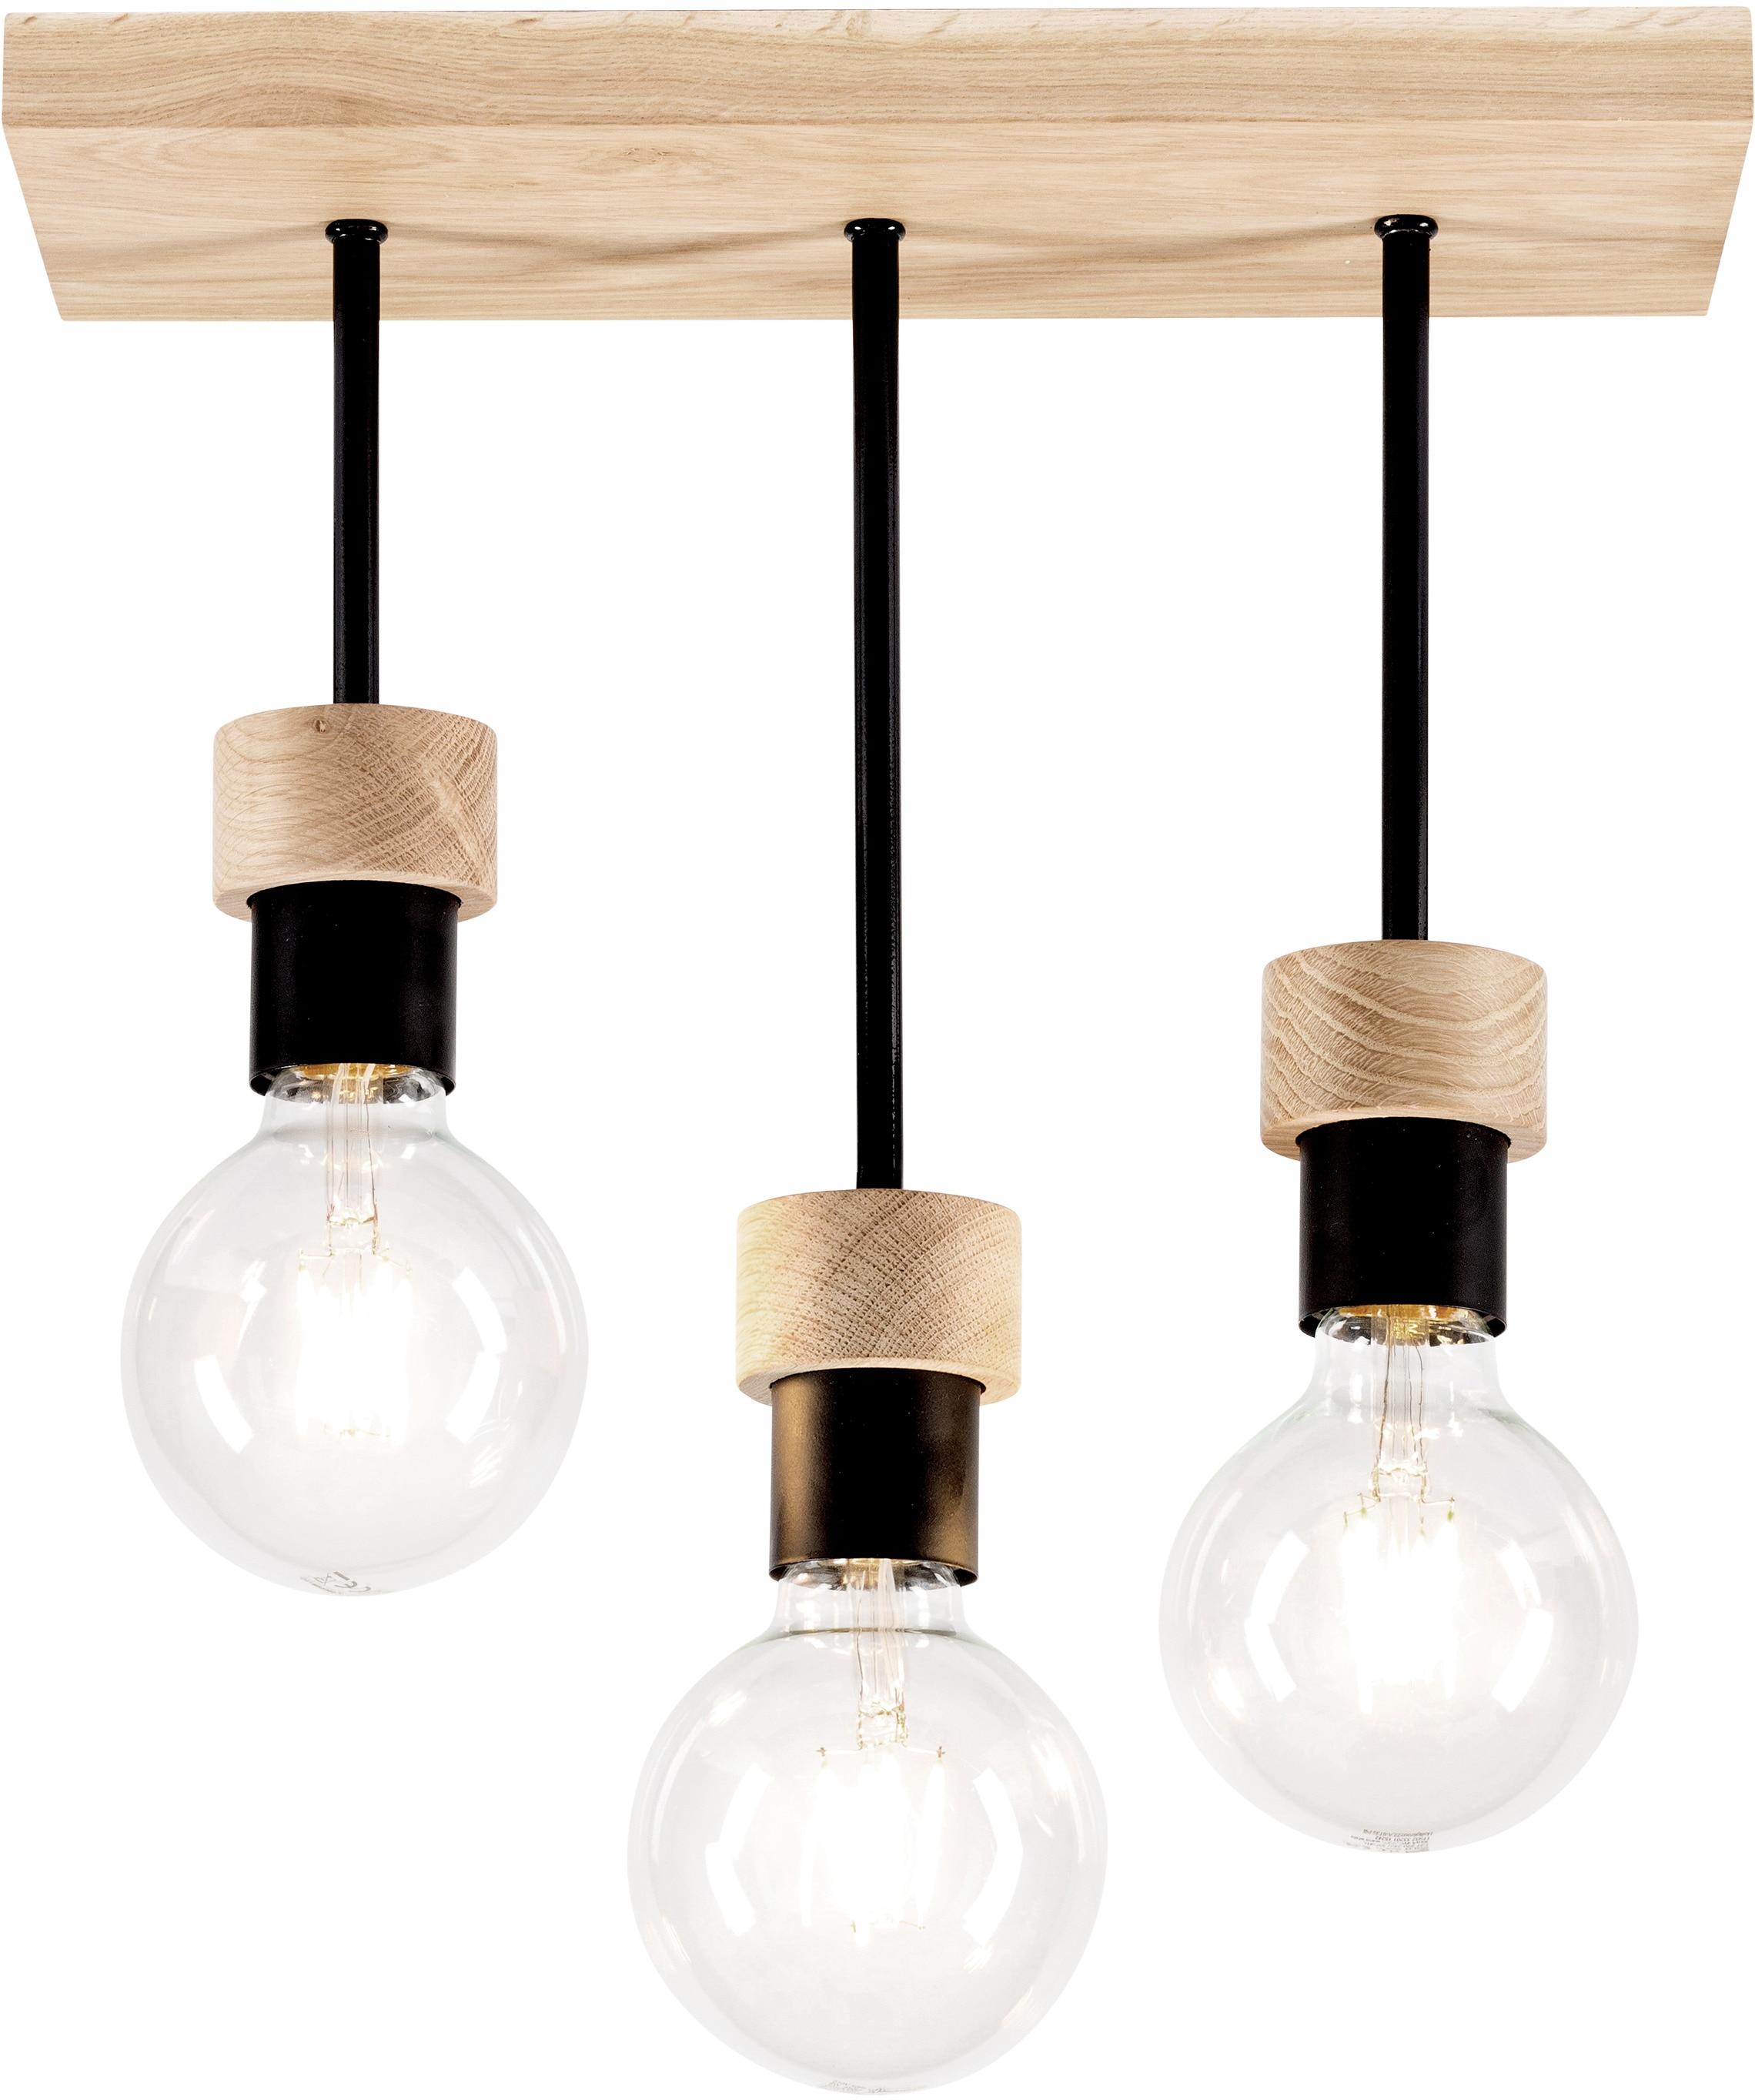 BRITOP LIGHTING Deckenleuchte CHANDELLE, E27, 1 St., Naturprodukt aus Eichenholz, Nachhaltig mit FSC-Zertifikat, passende LM E27/exclusive, Made in EU